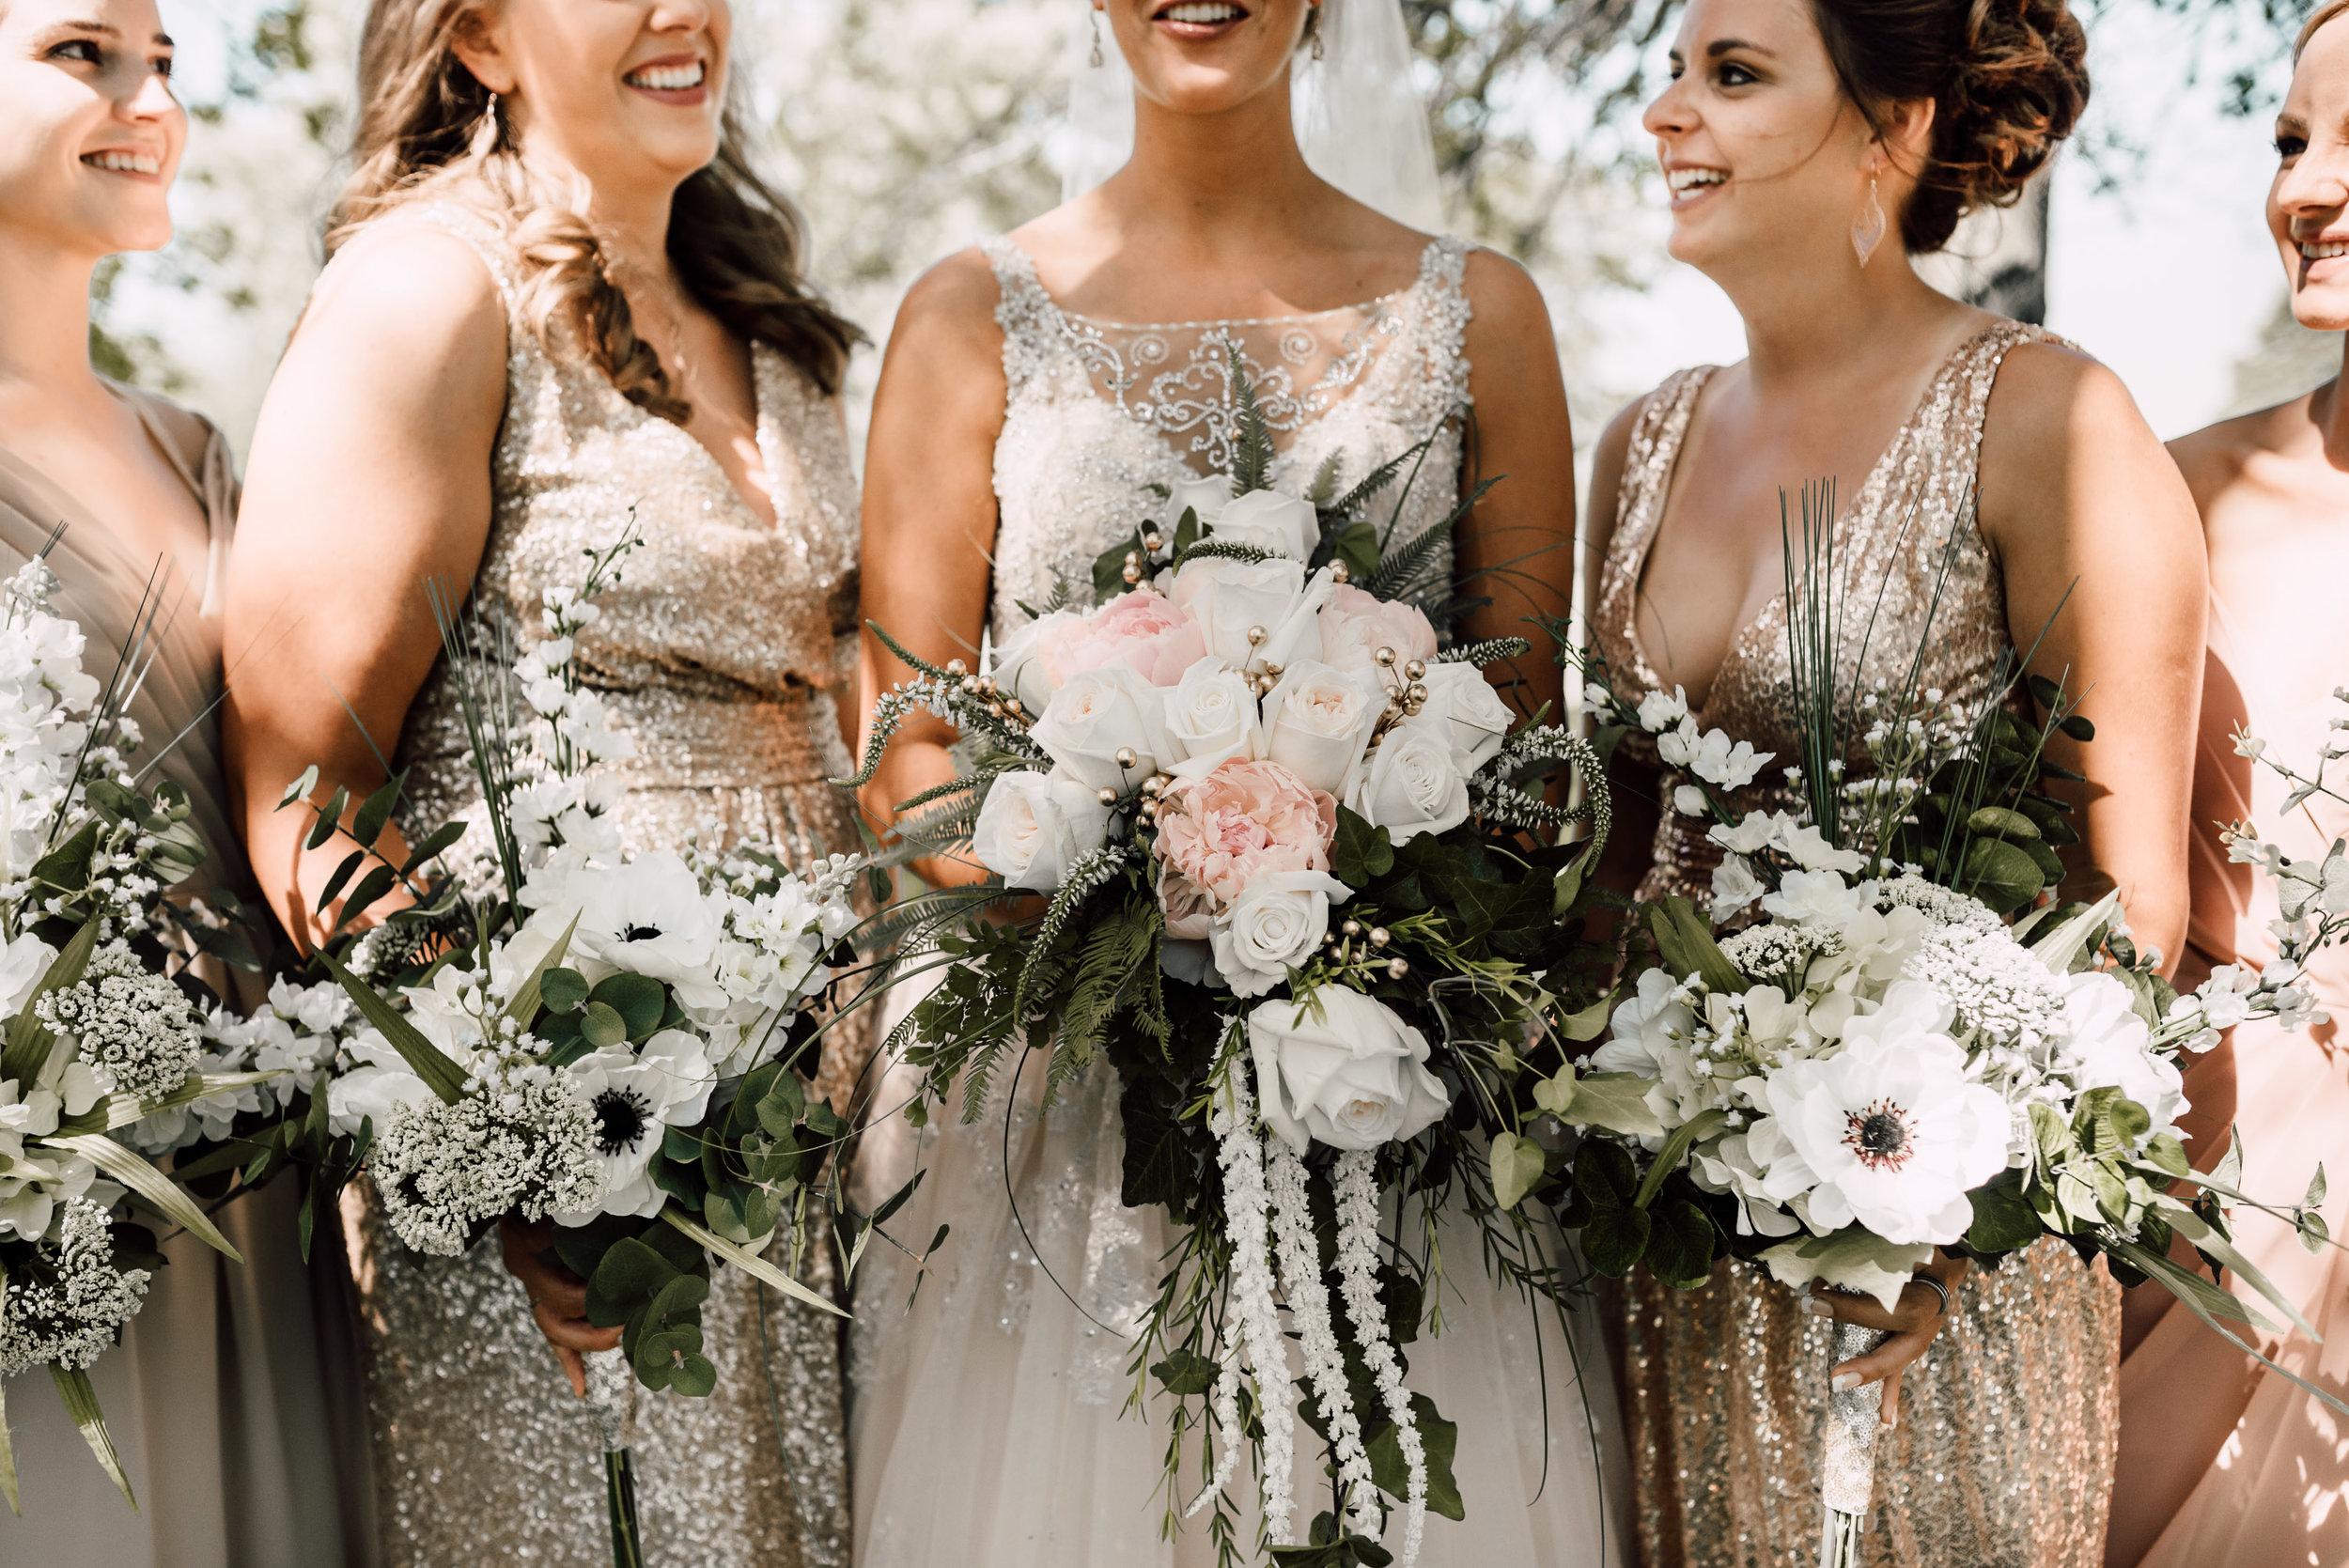 fun wedding day ideas, bridesmaid photo ideas